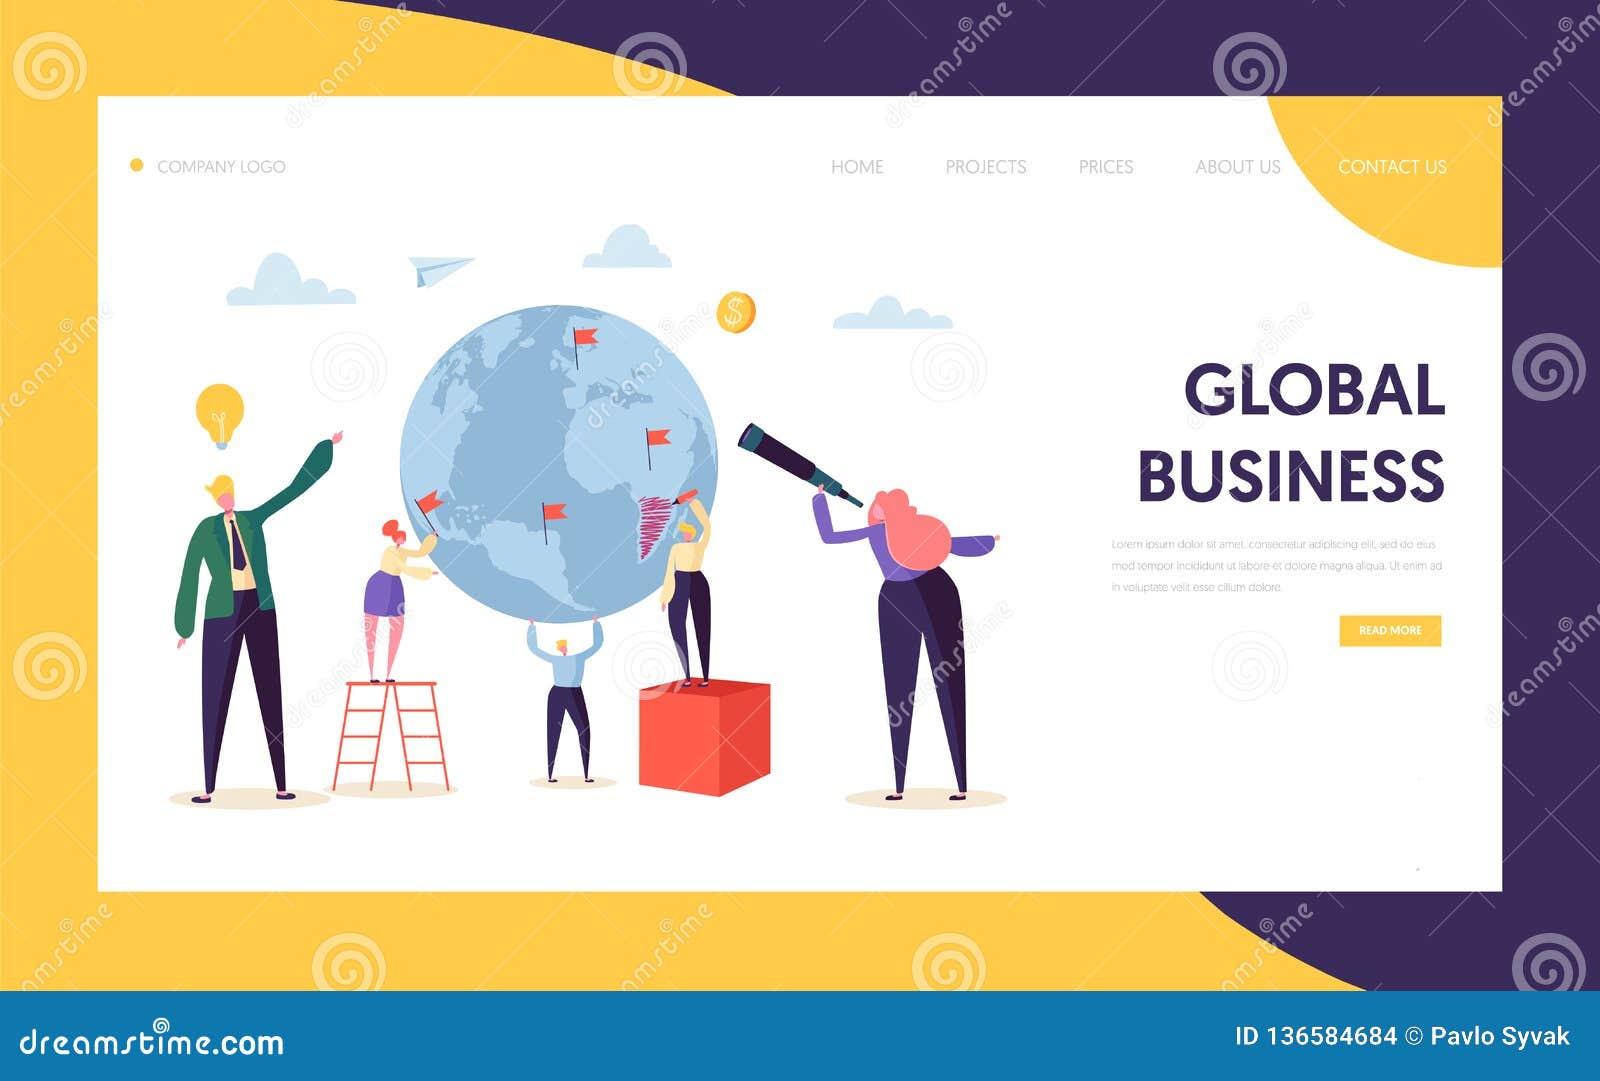 Página da aterrissagem do caráter da oportunidade da busca do negócio global Homem de negócios incorporado Work no globo da terra